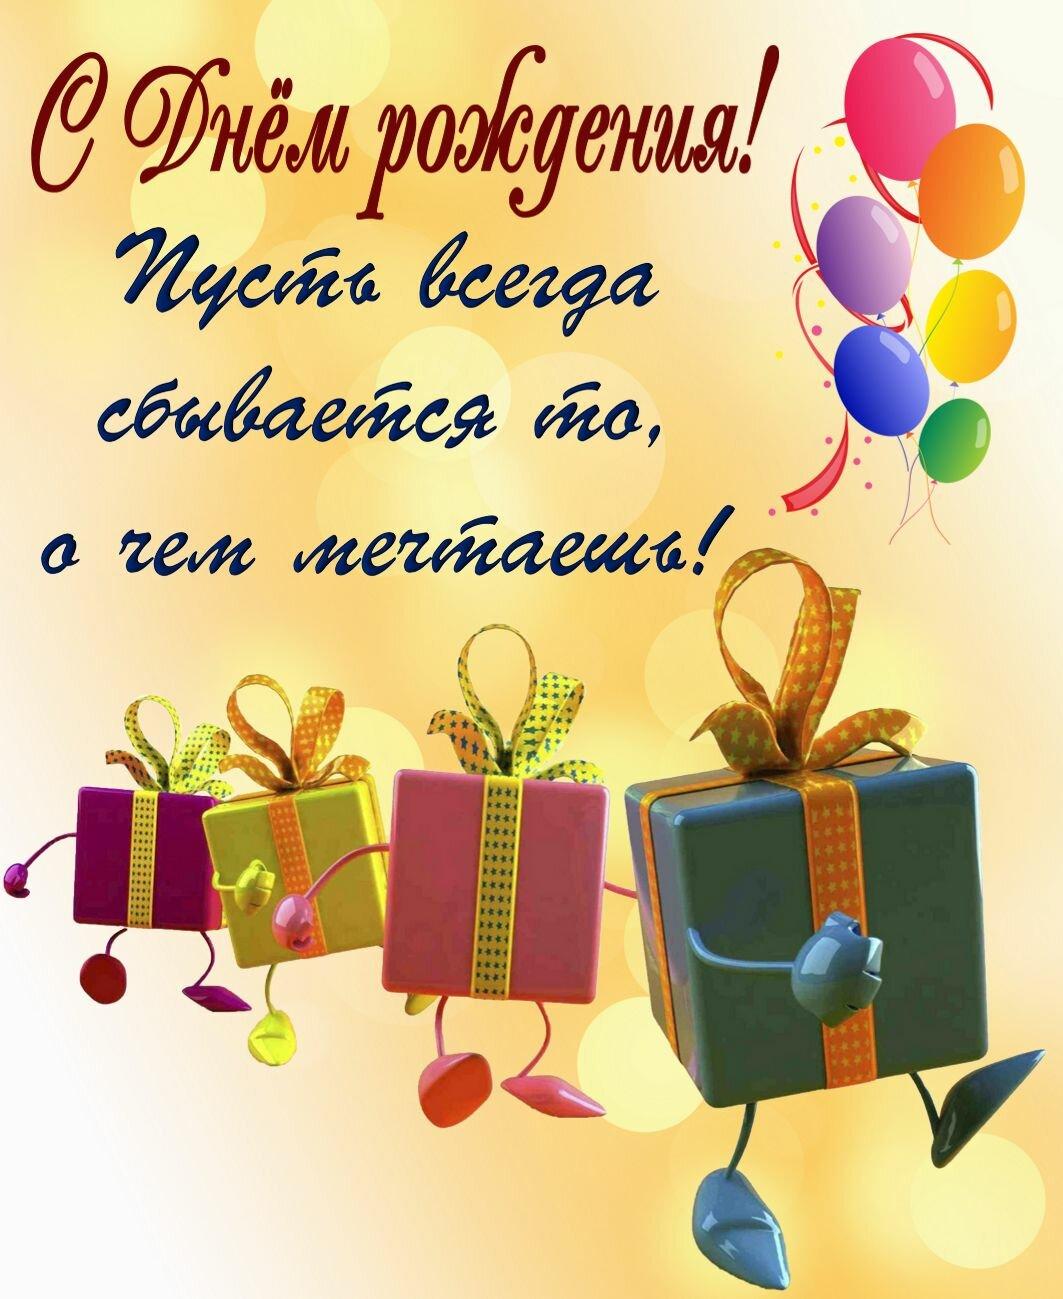 Поздравления партнеров с днем рождения с картинками, собачкой